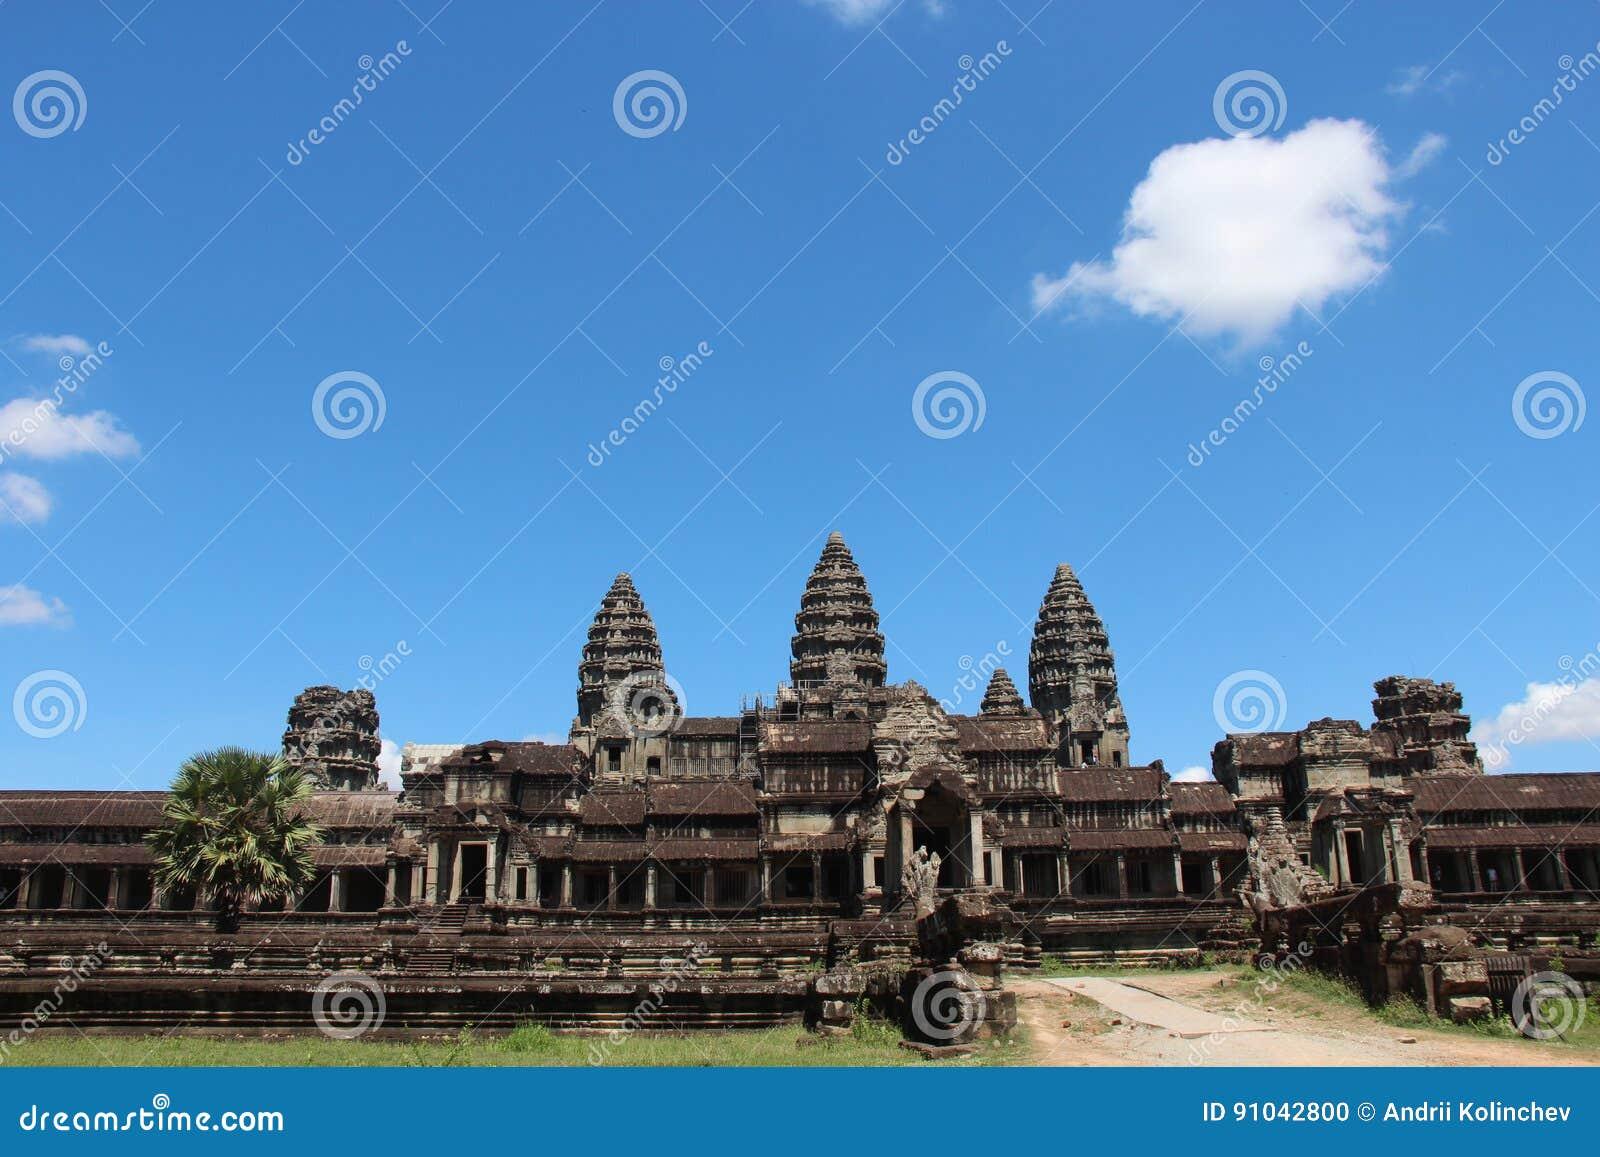 Angkor wat dating